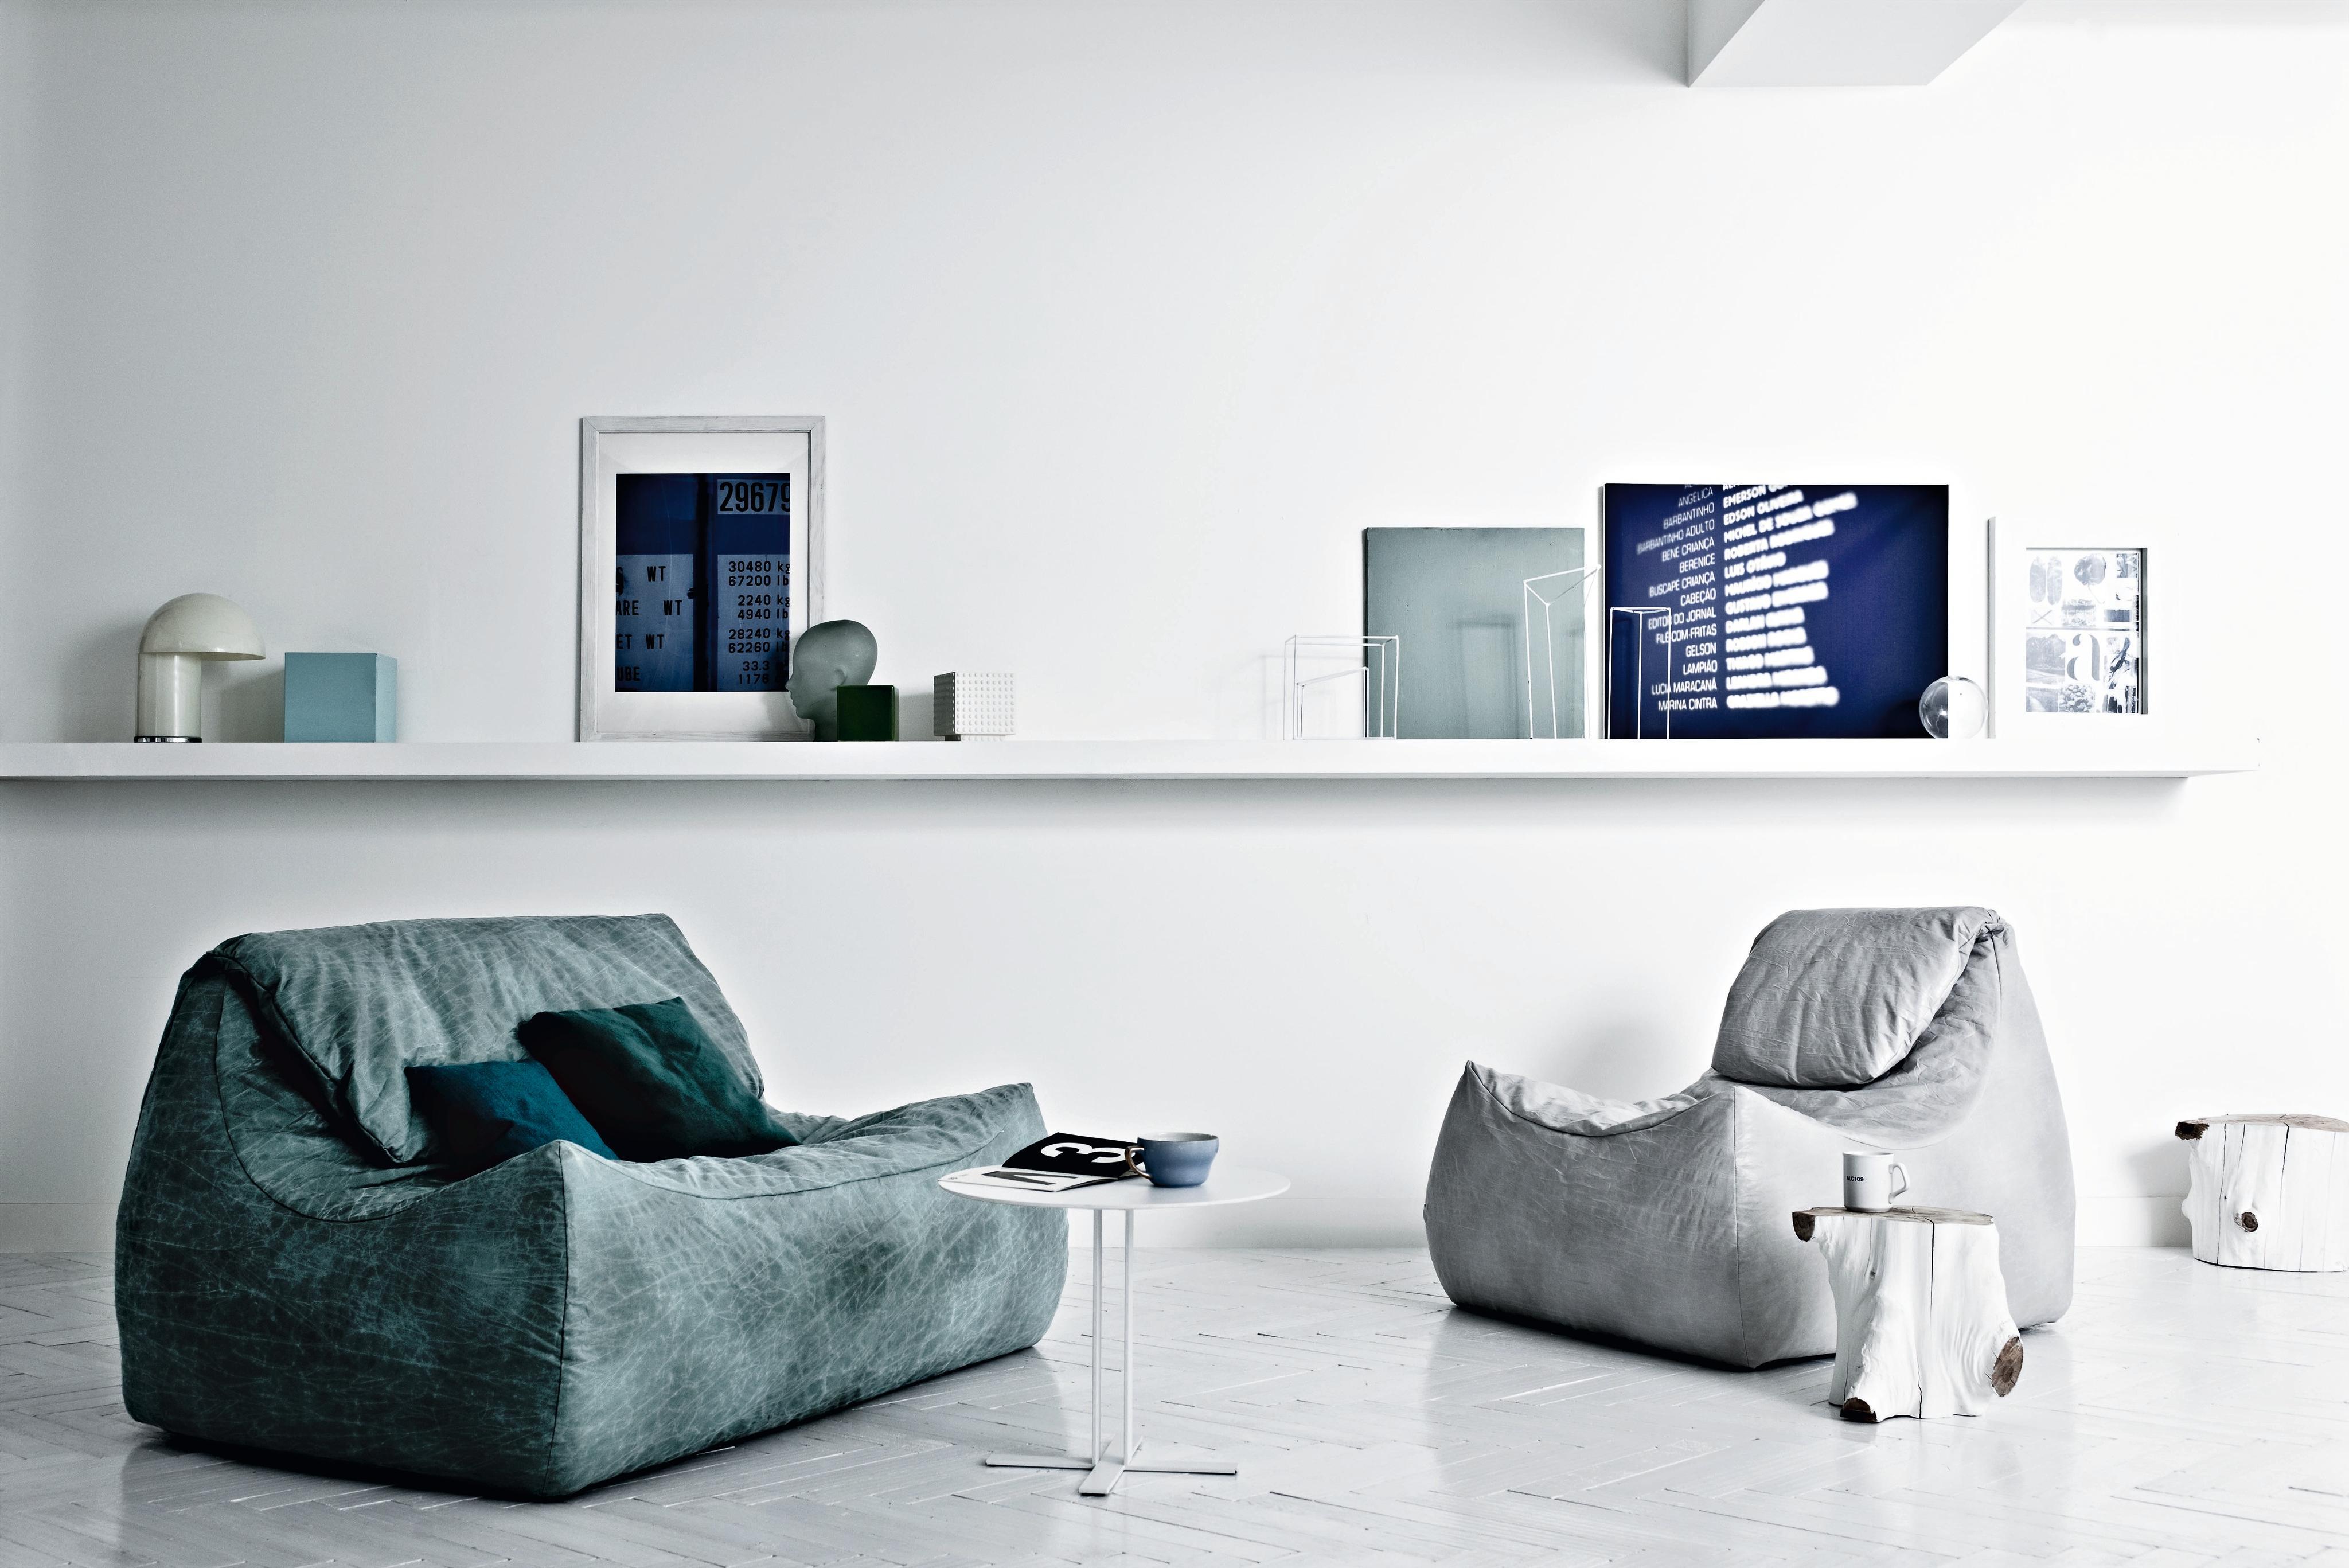 baumstamm • bilder & ideen • couch